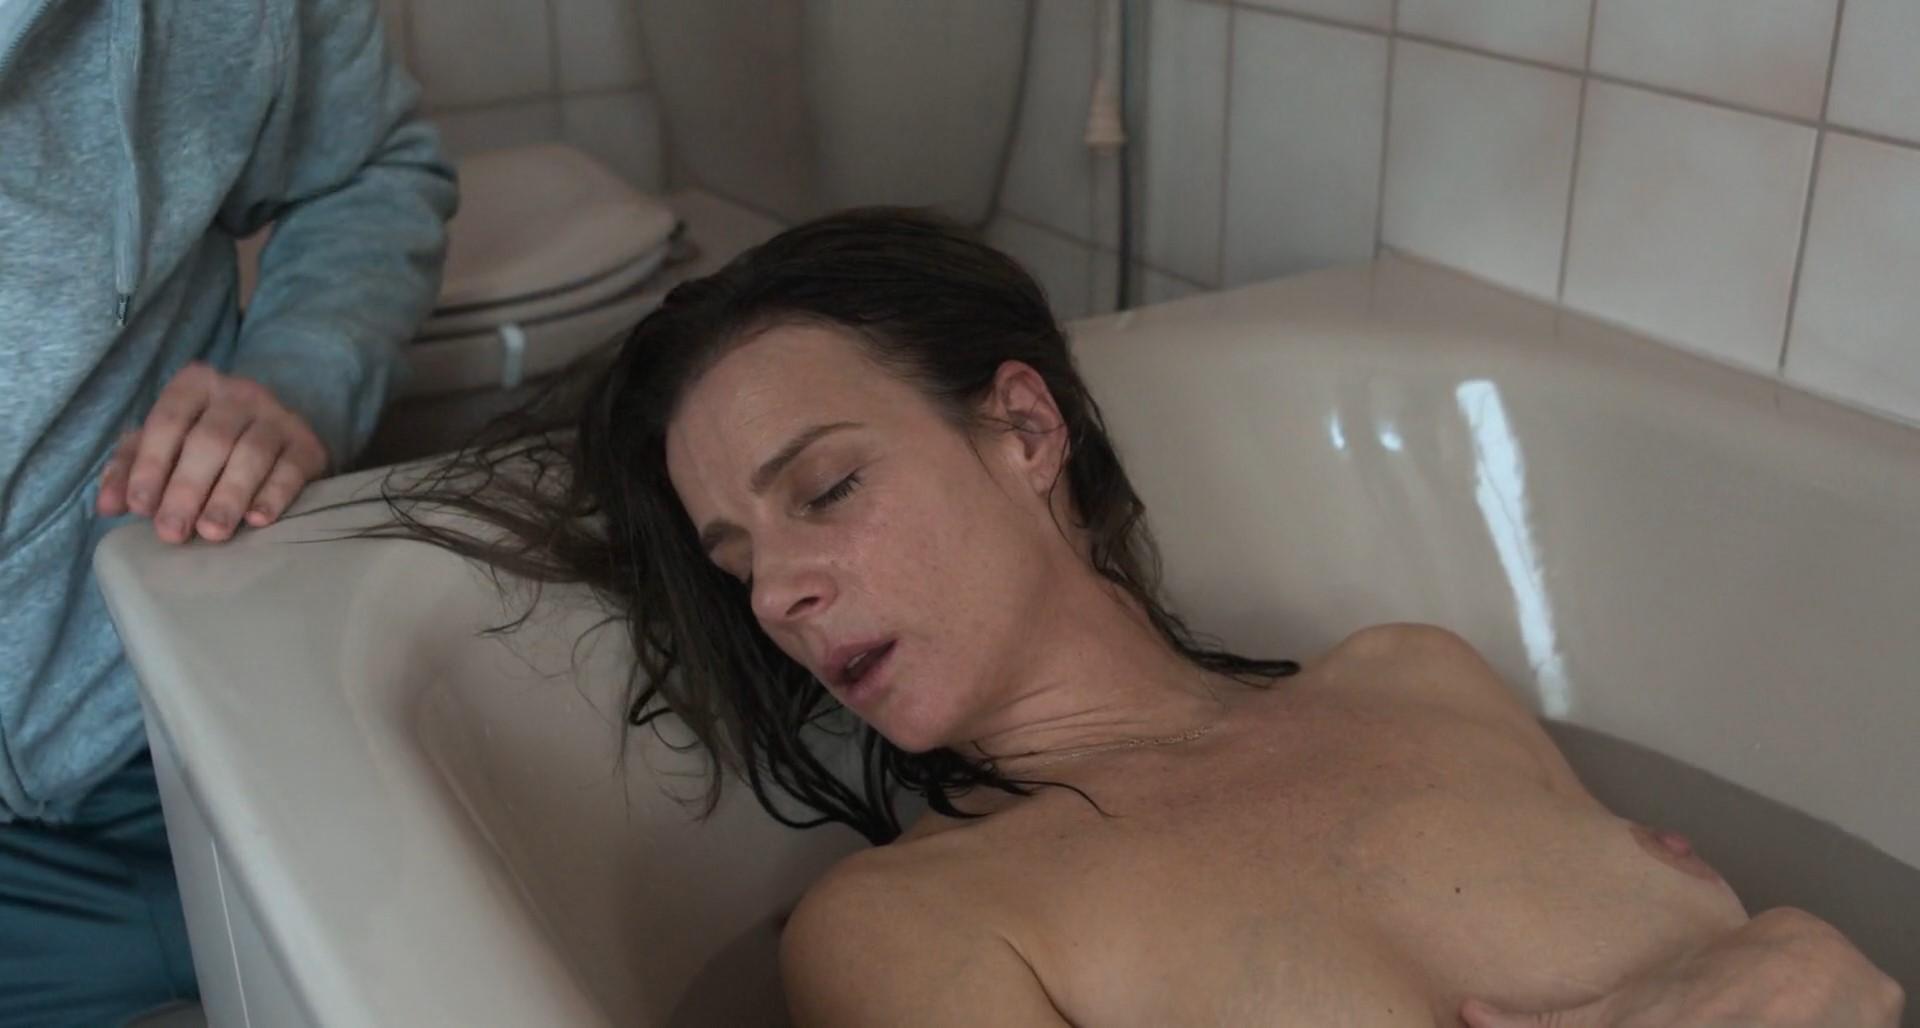 Hazel may porn videos